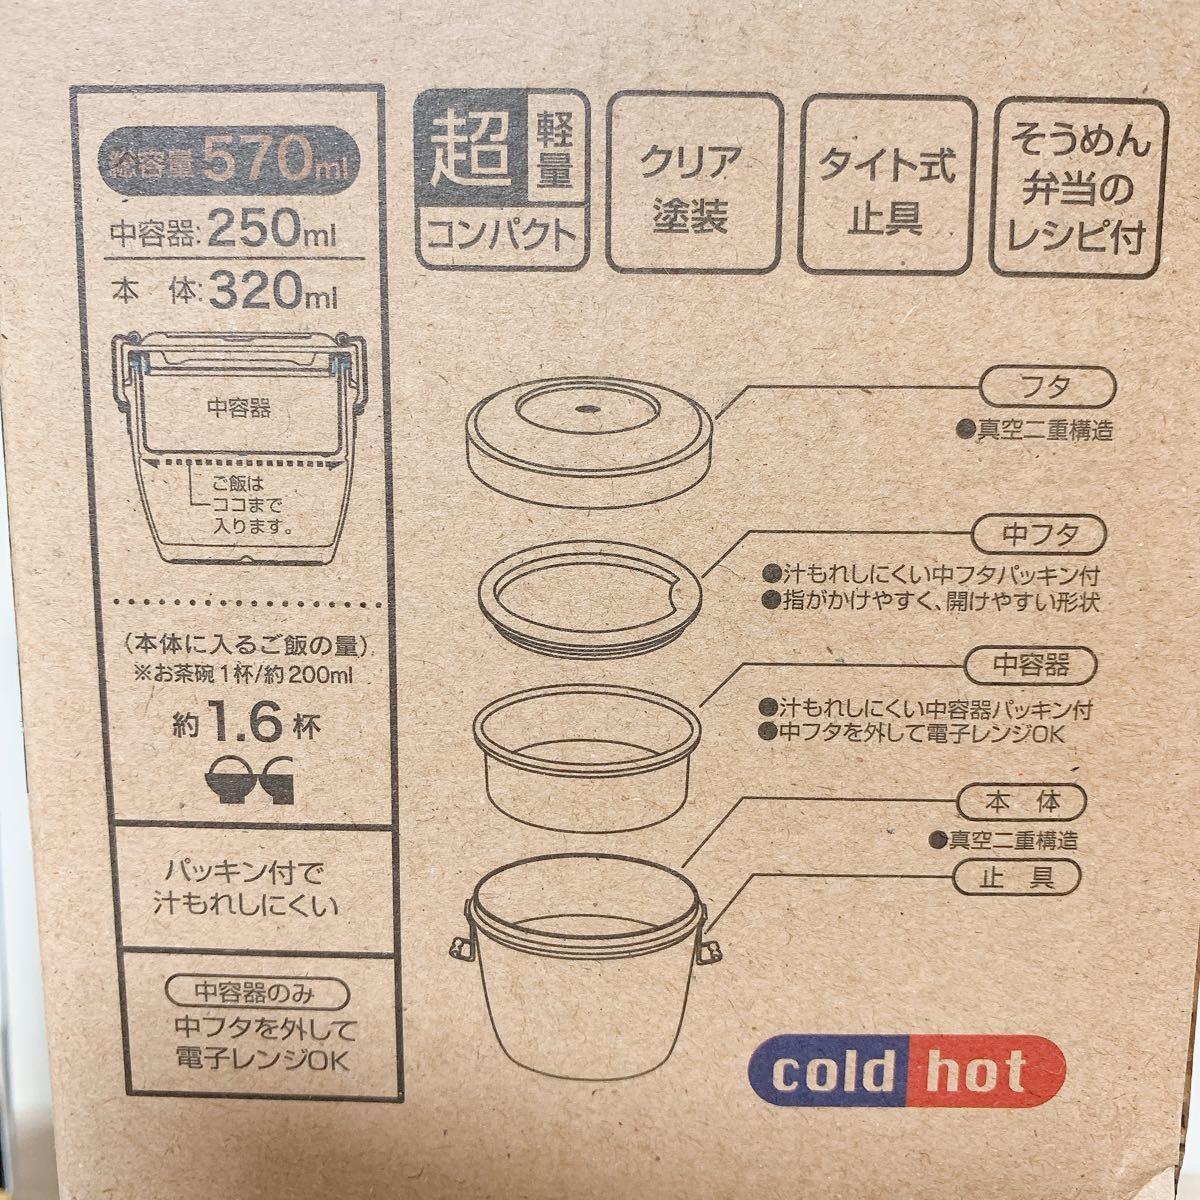 570ml真空ステンレス丼ランチジャー&400mlステンレスボトル&コンビセット